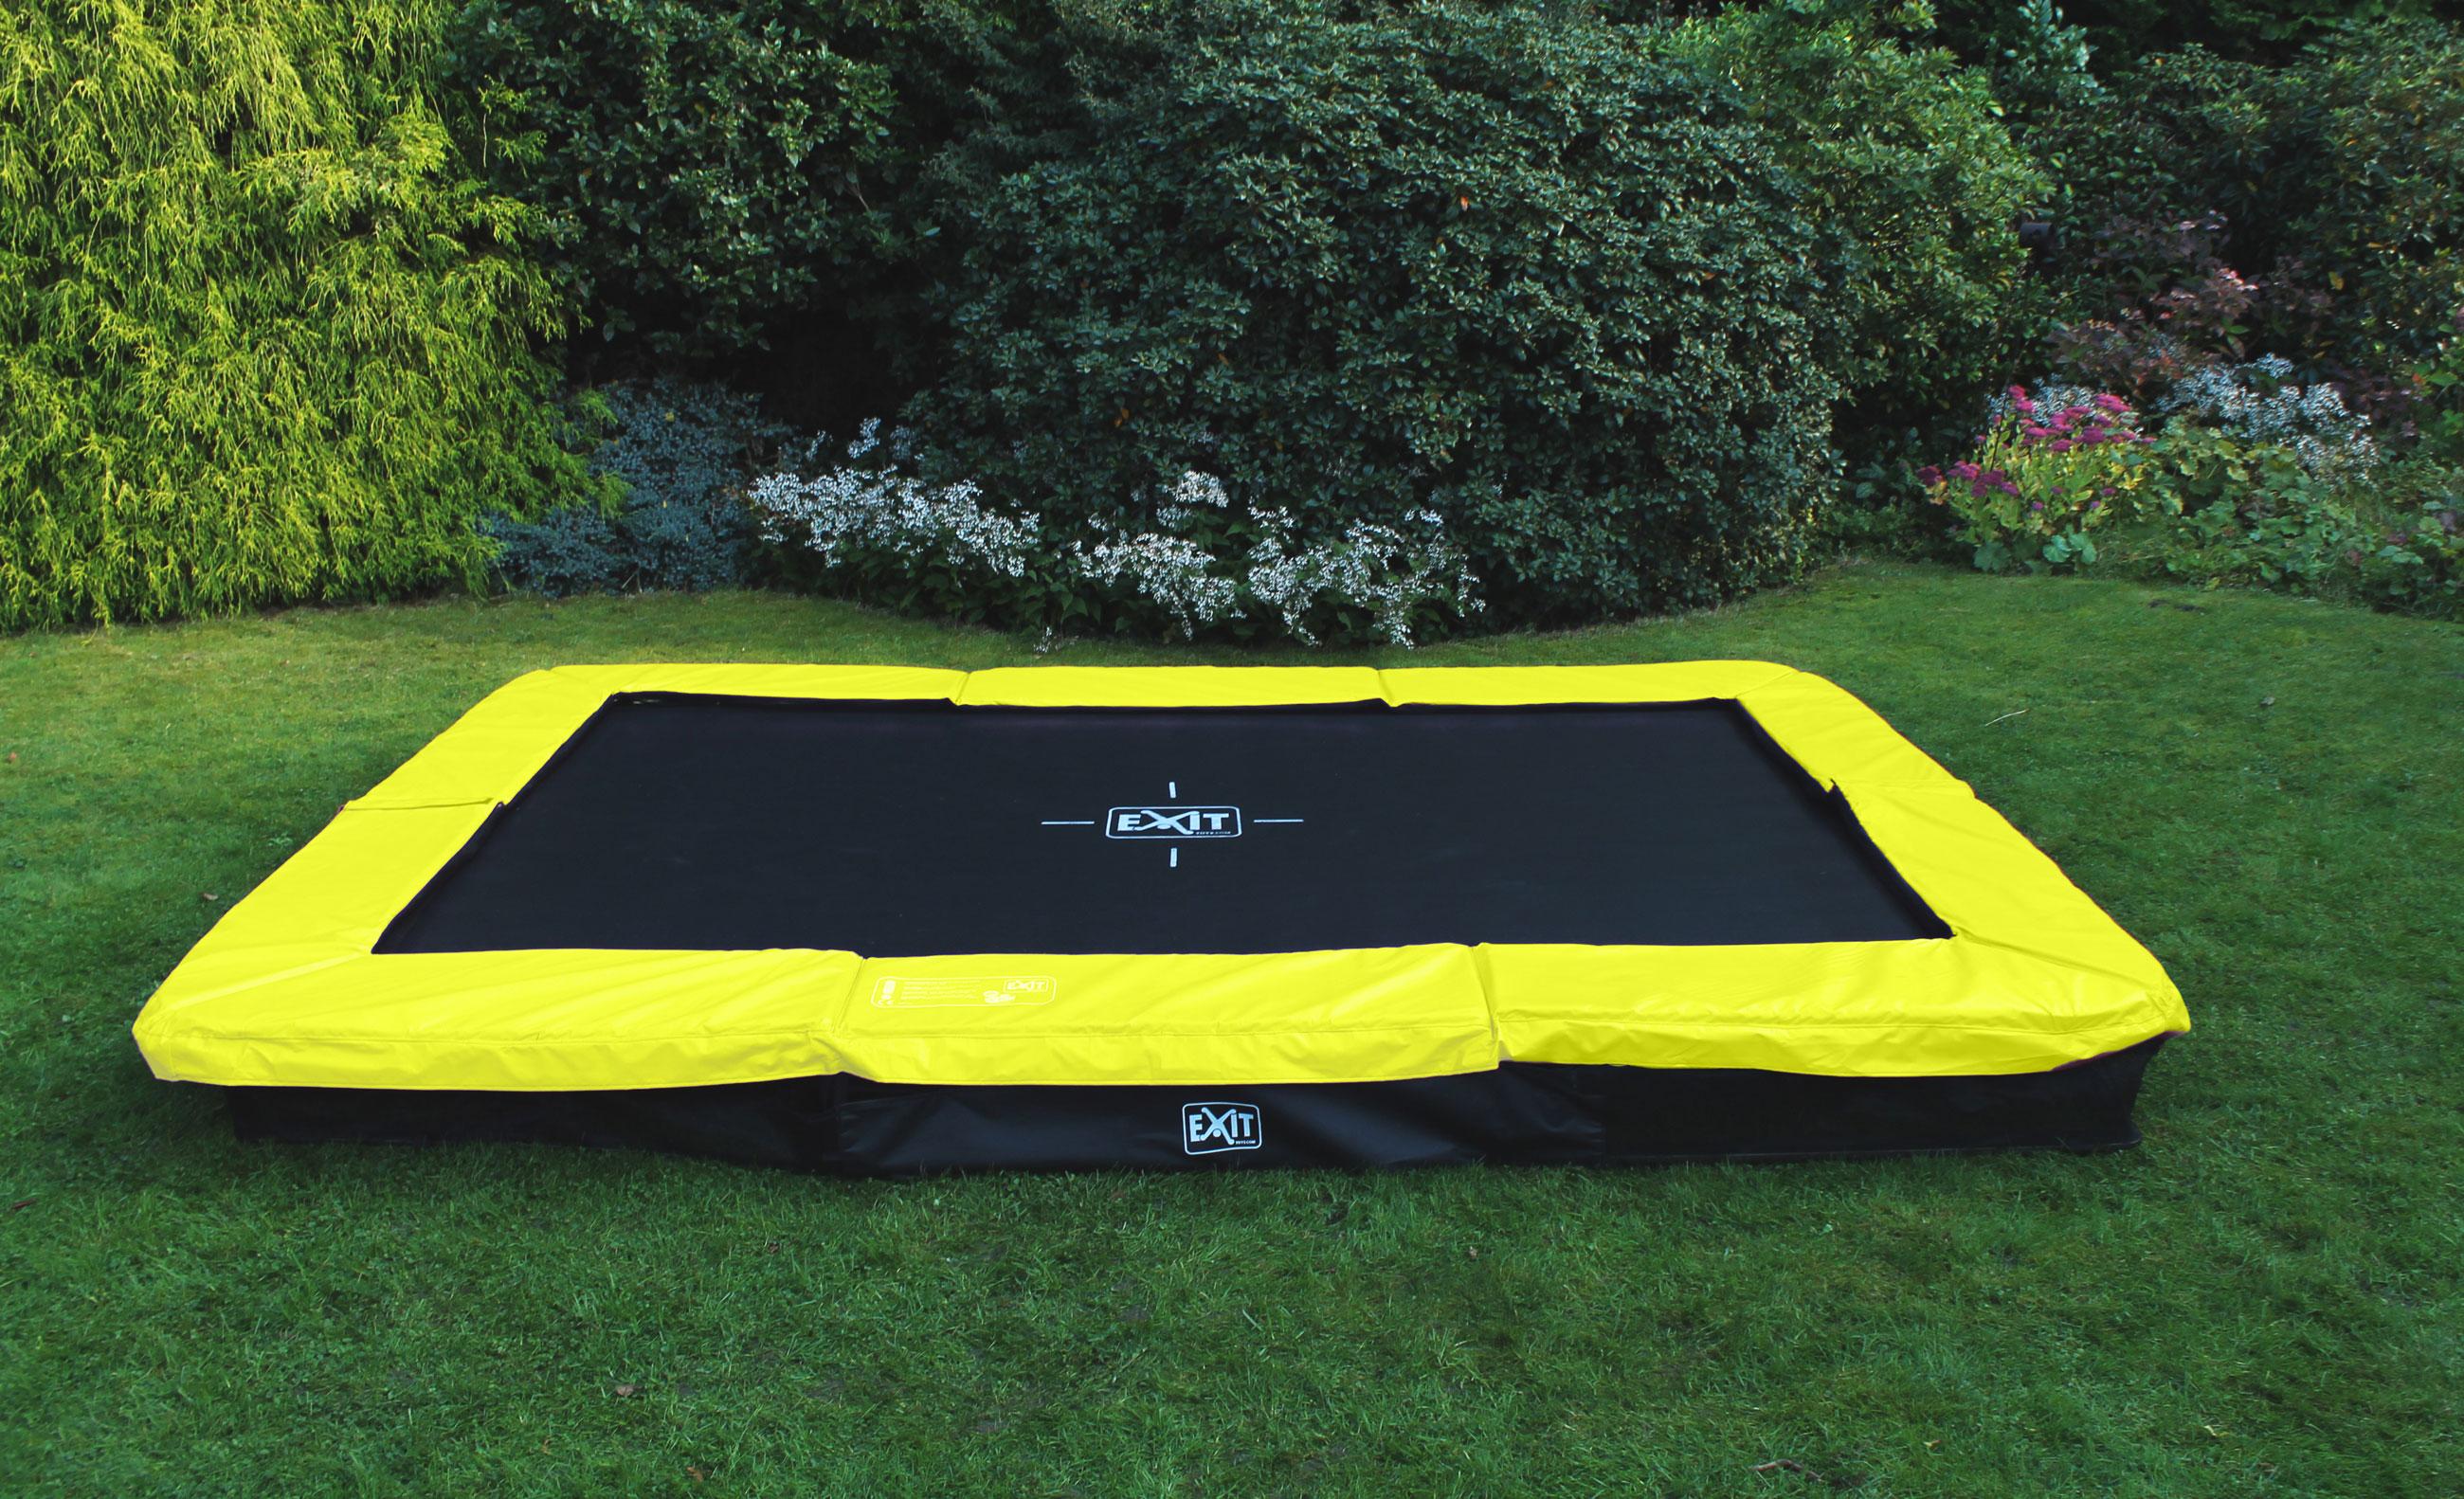 Trampolin EXIT Silhouette Ground rechteckig 214x305cm grün Bild 4